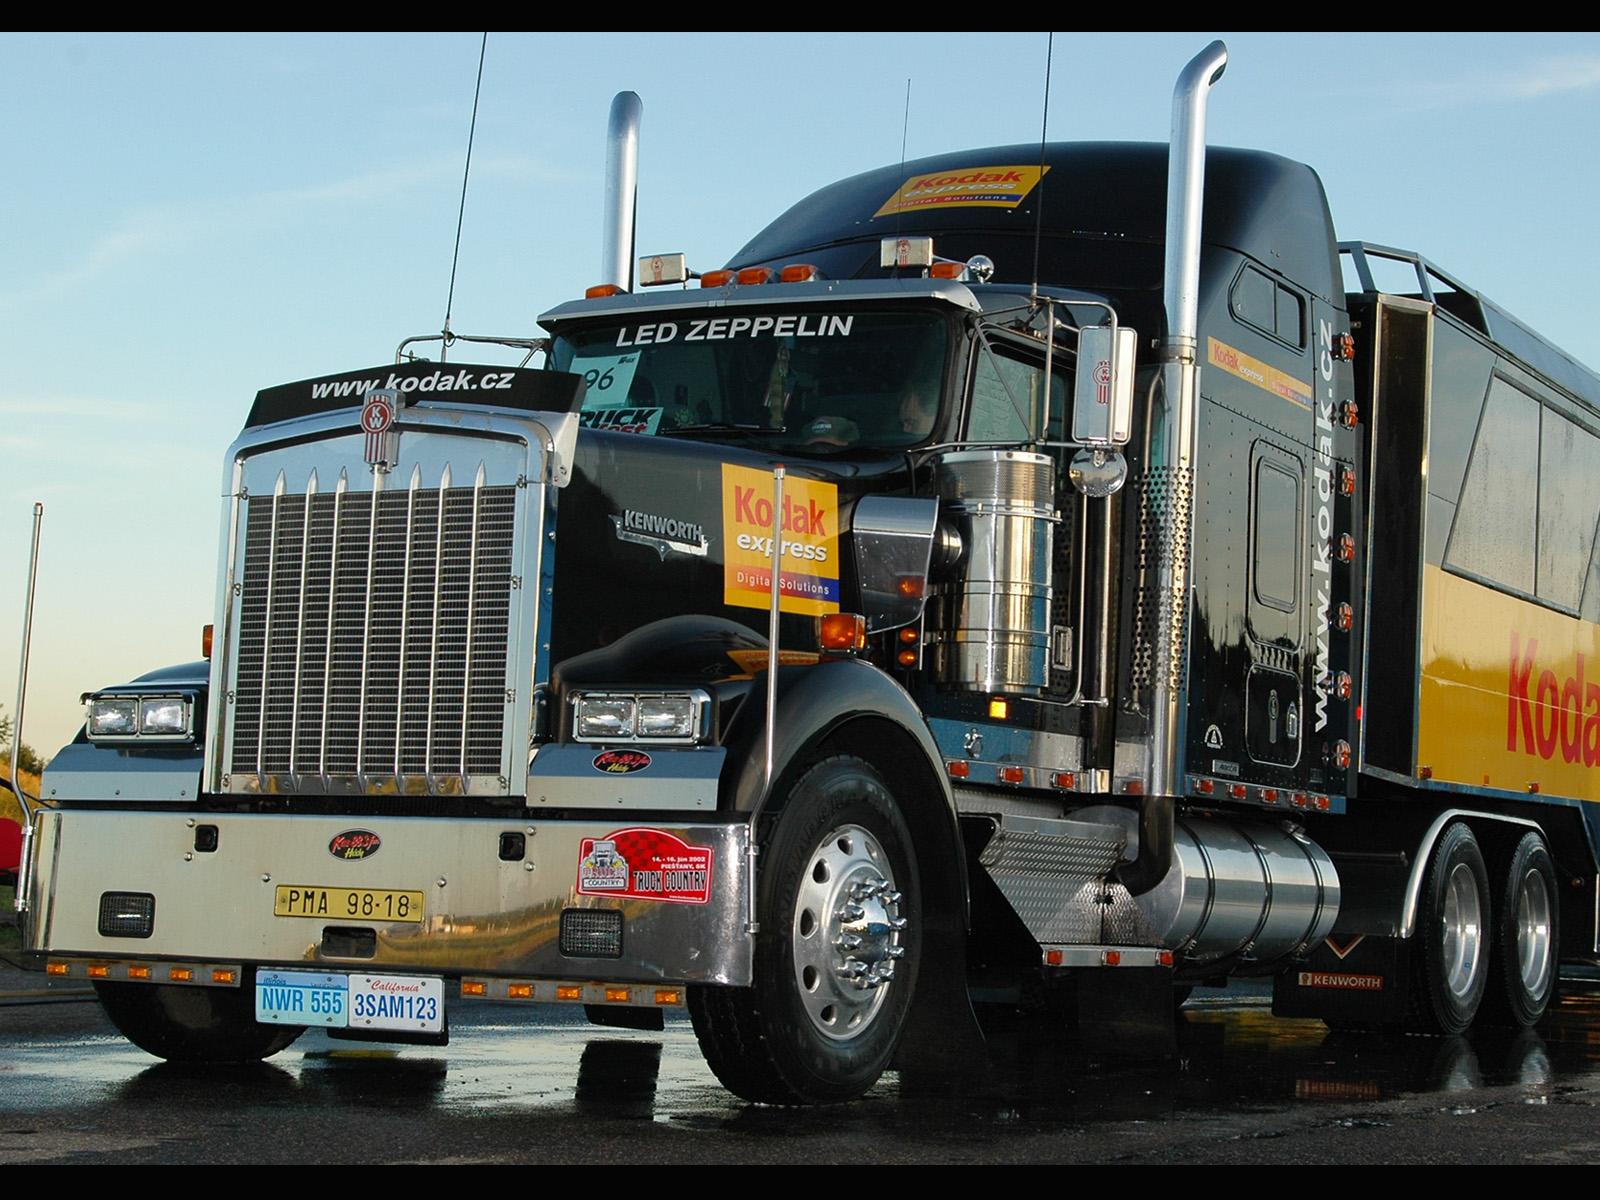 Download full size Trucks wallpaper / Vehicles / 1600x1200